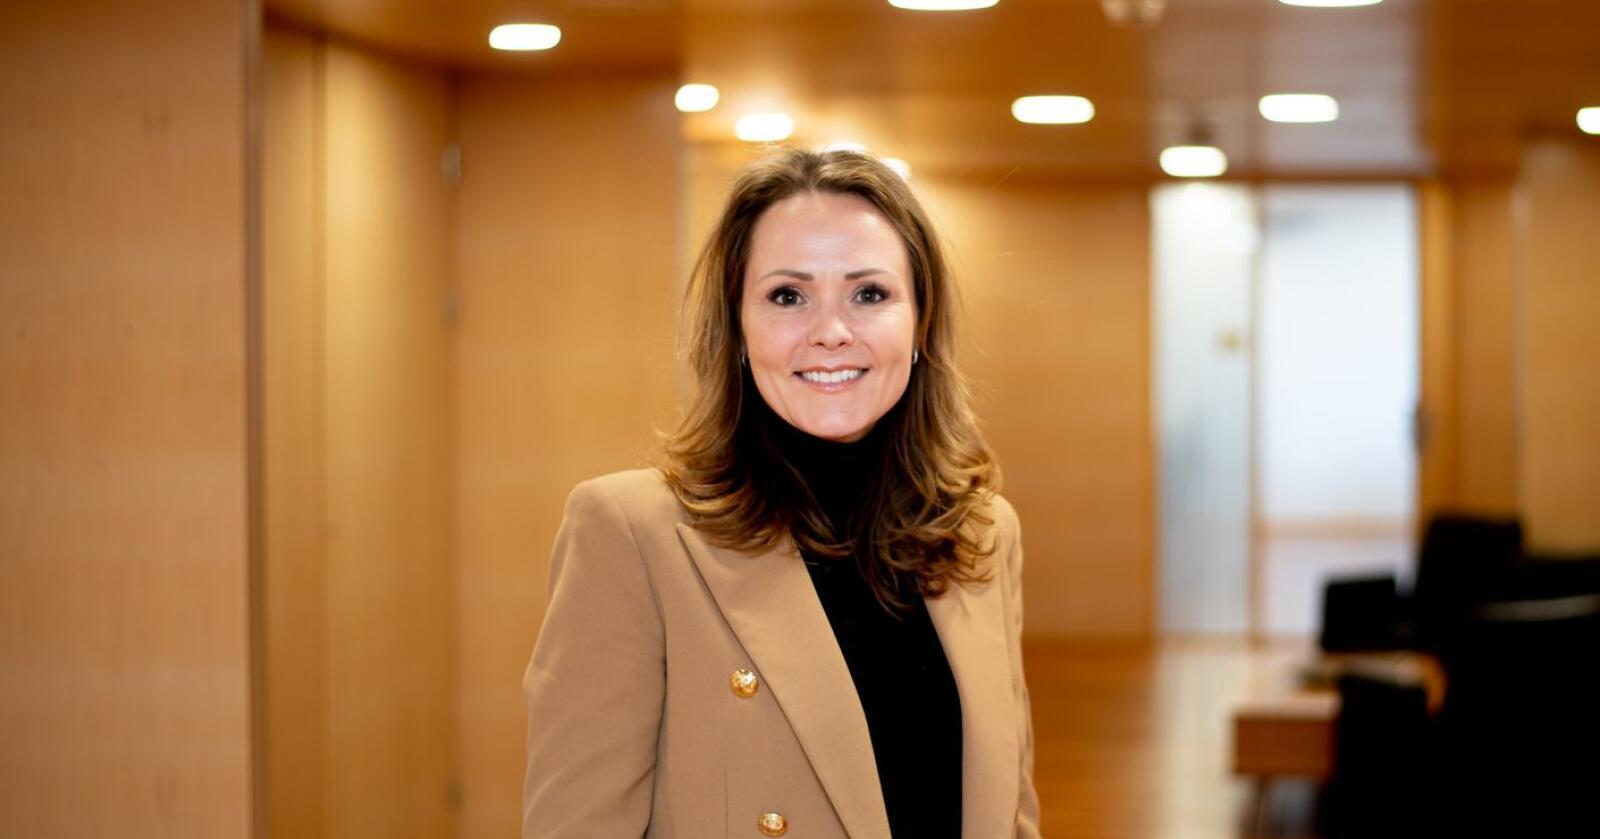 Distrikts- og digitaliseringsminister Linda Hofstad Helleland (H) håper at 30 millioner kroner er nok til å hjelpe nærbutikkene som kommer i nød på grunn av koronatiltakene til regjeringen. Foto: Vidar Sandnes